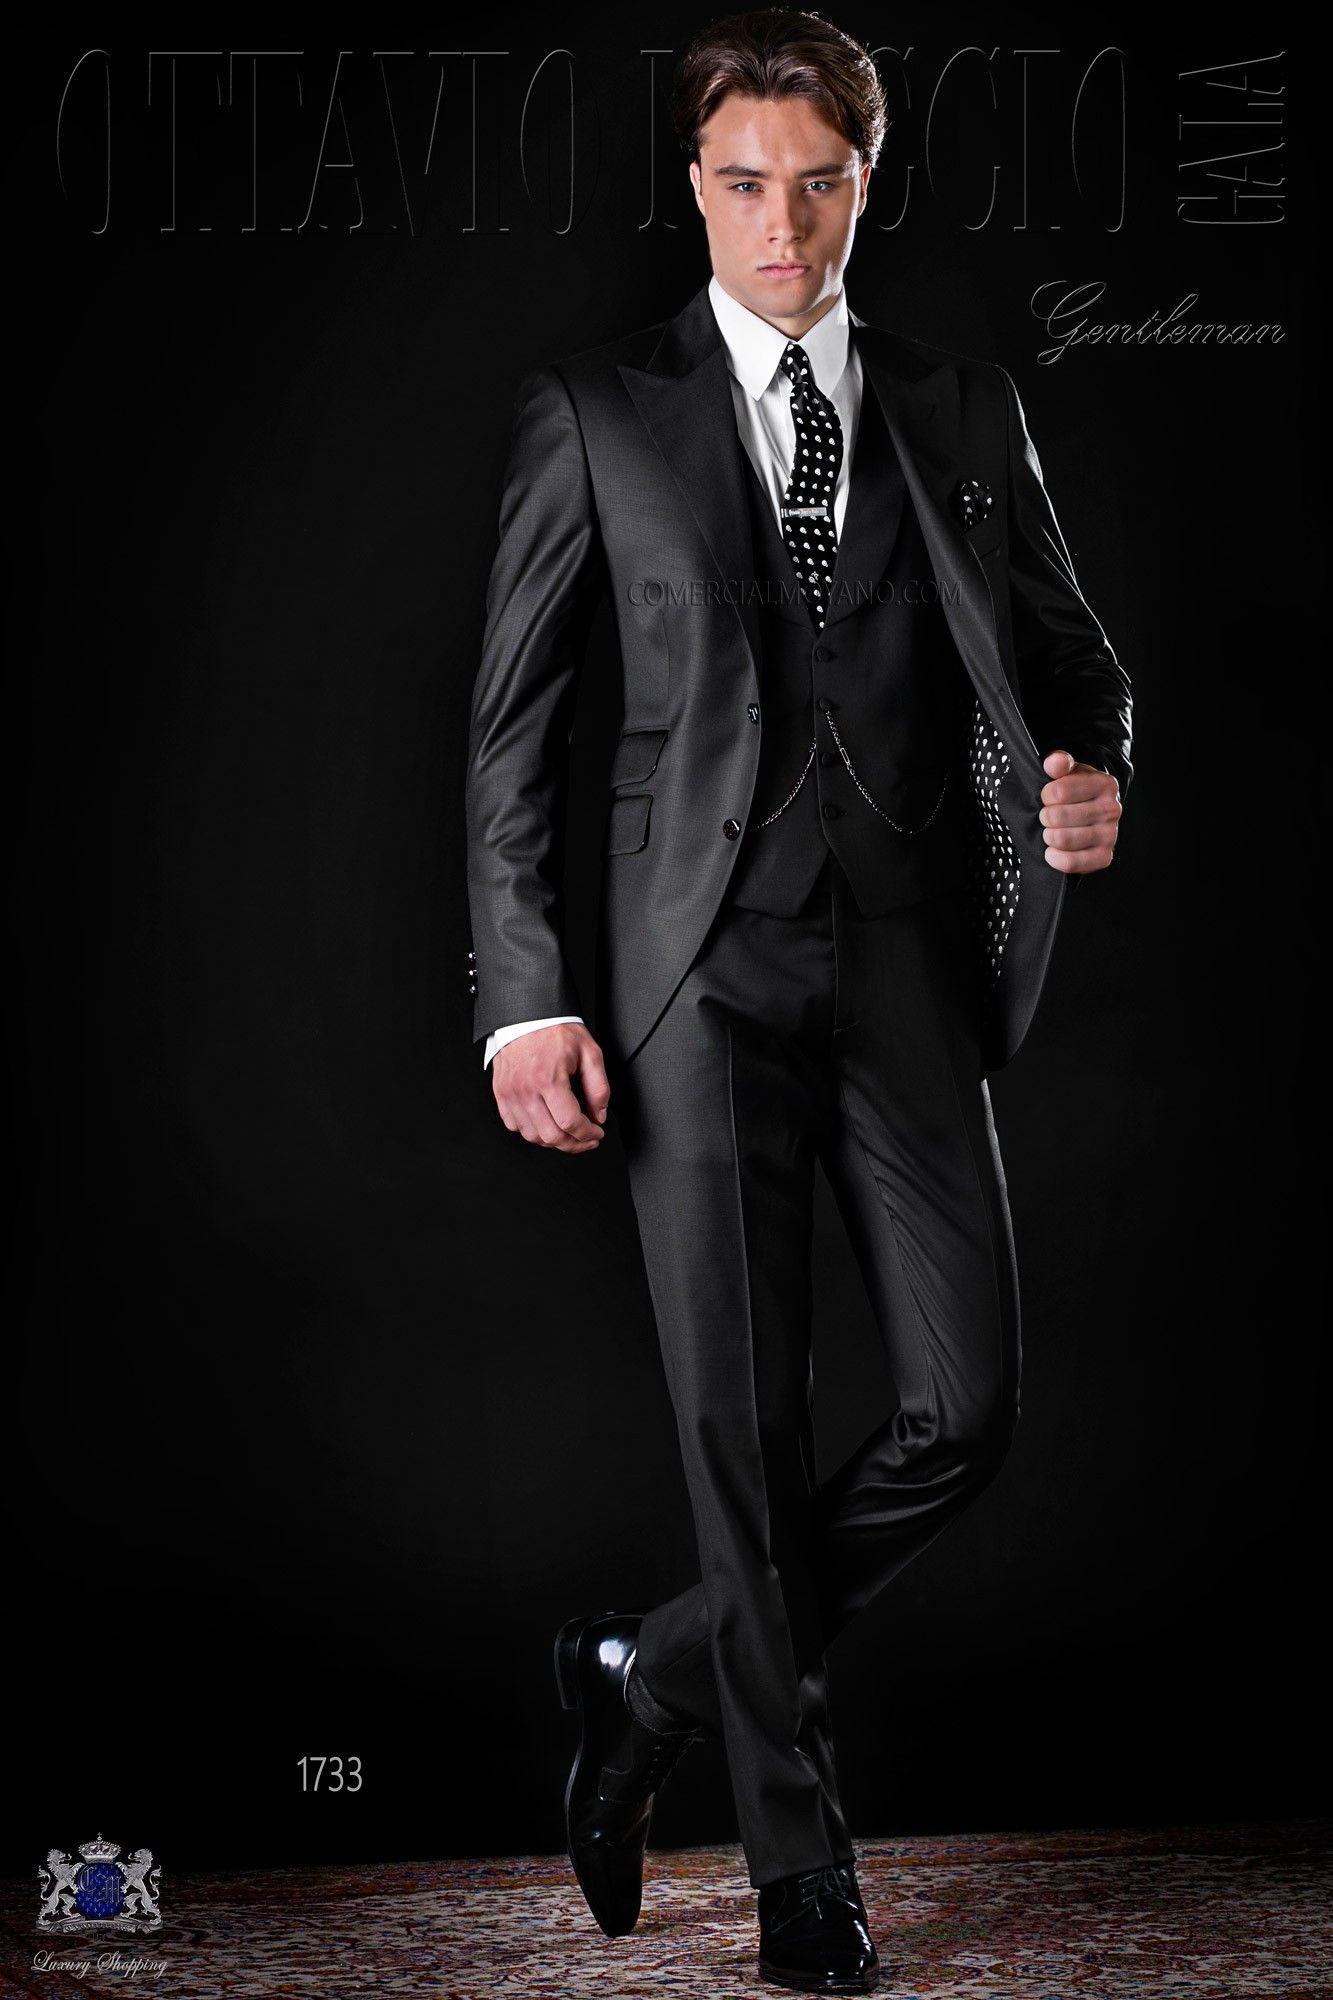 schwarze herren anzug aus cool wolle italienische m nner hochzeitsanz ge 2017 ottavio nuccio. Black Bedroom Furniture Sets. Home Design Ideas